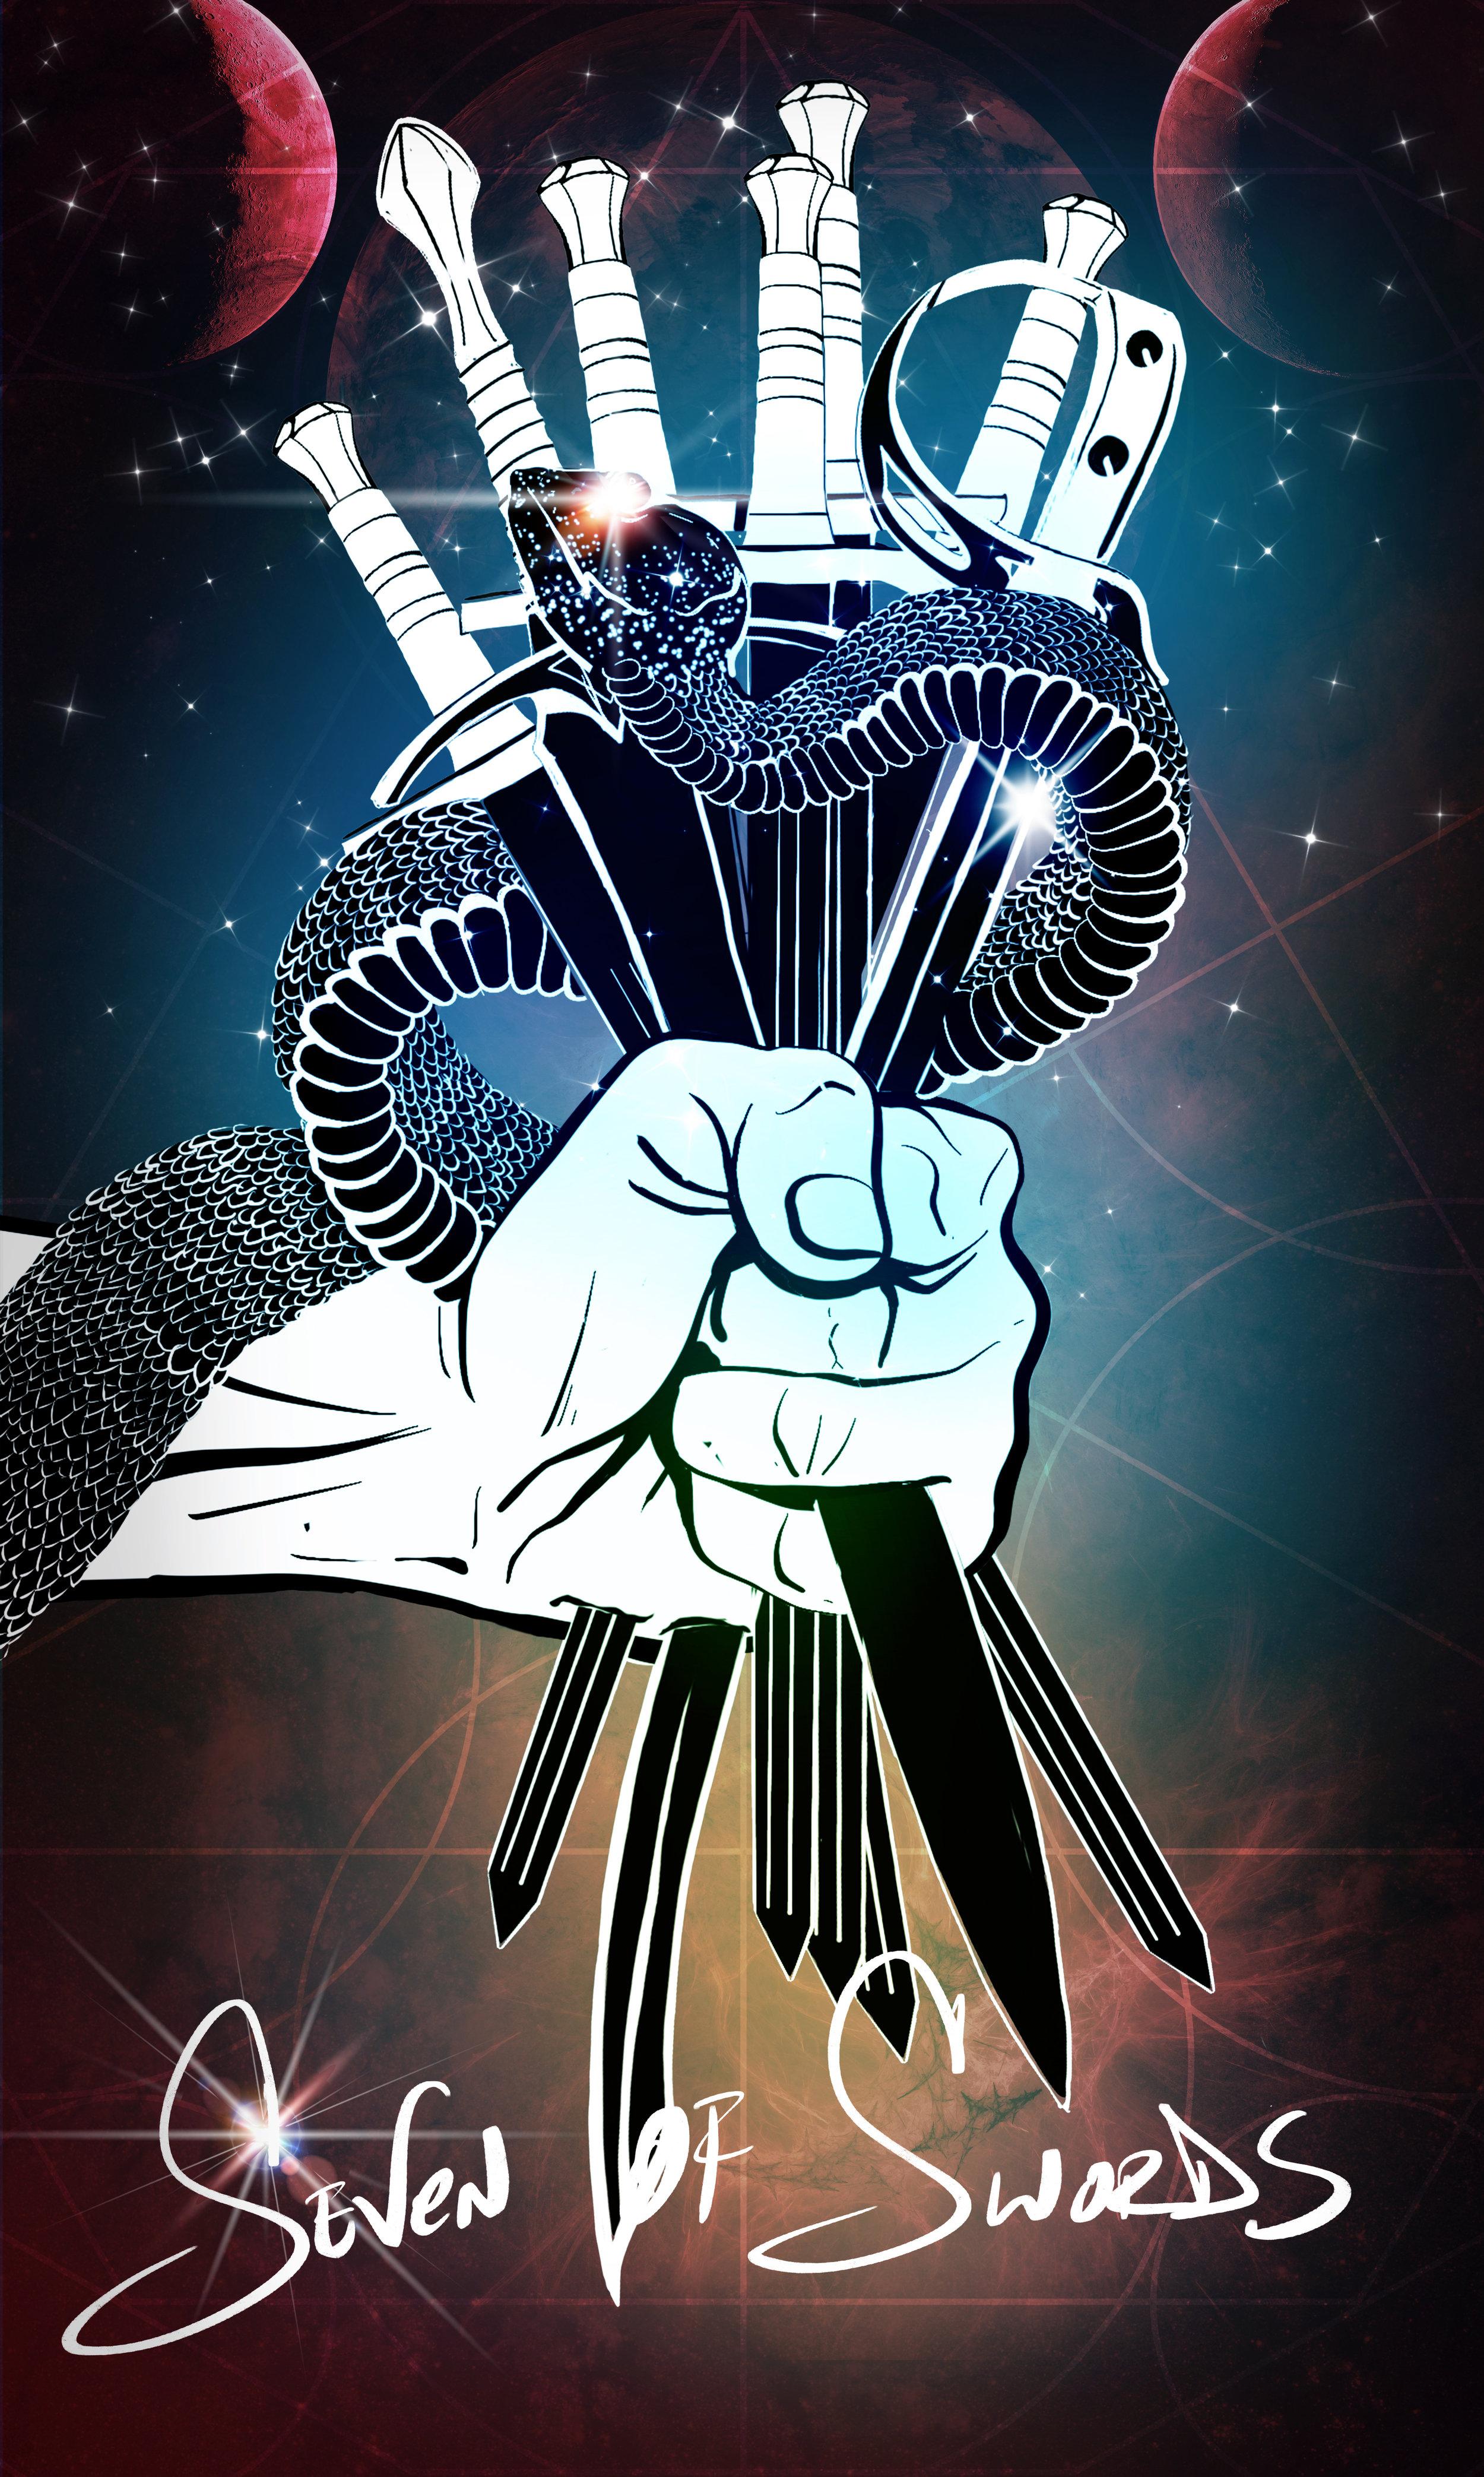 7_SEVEN_OF_SWORDS.jpg